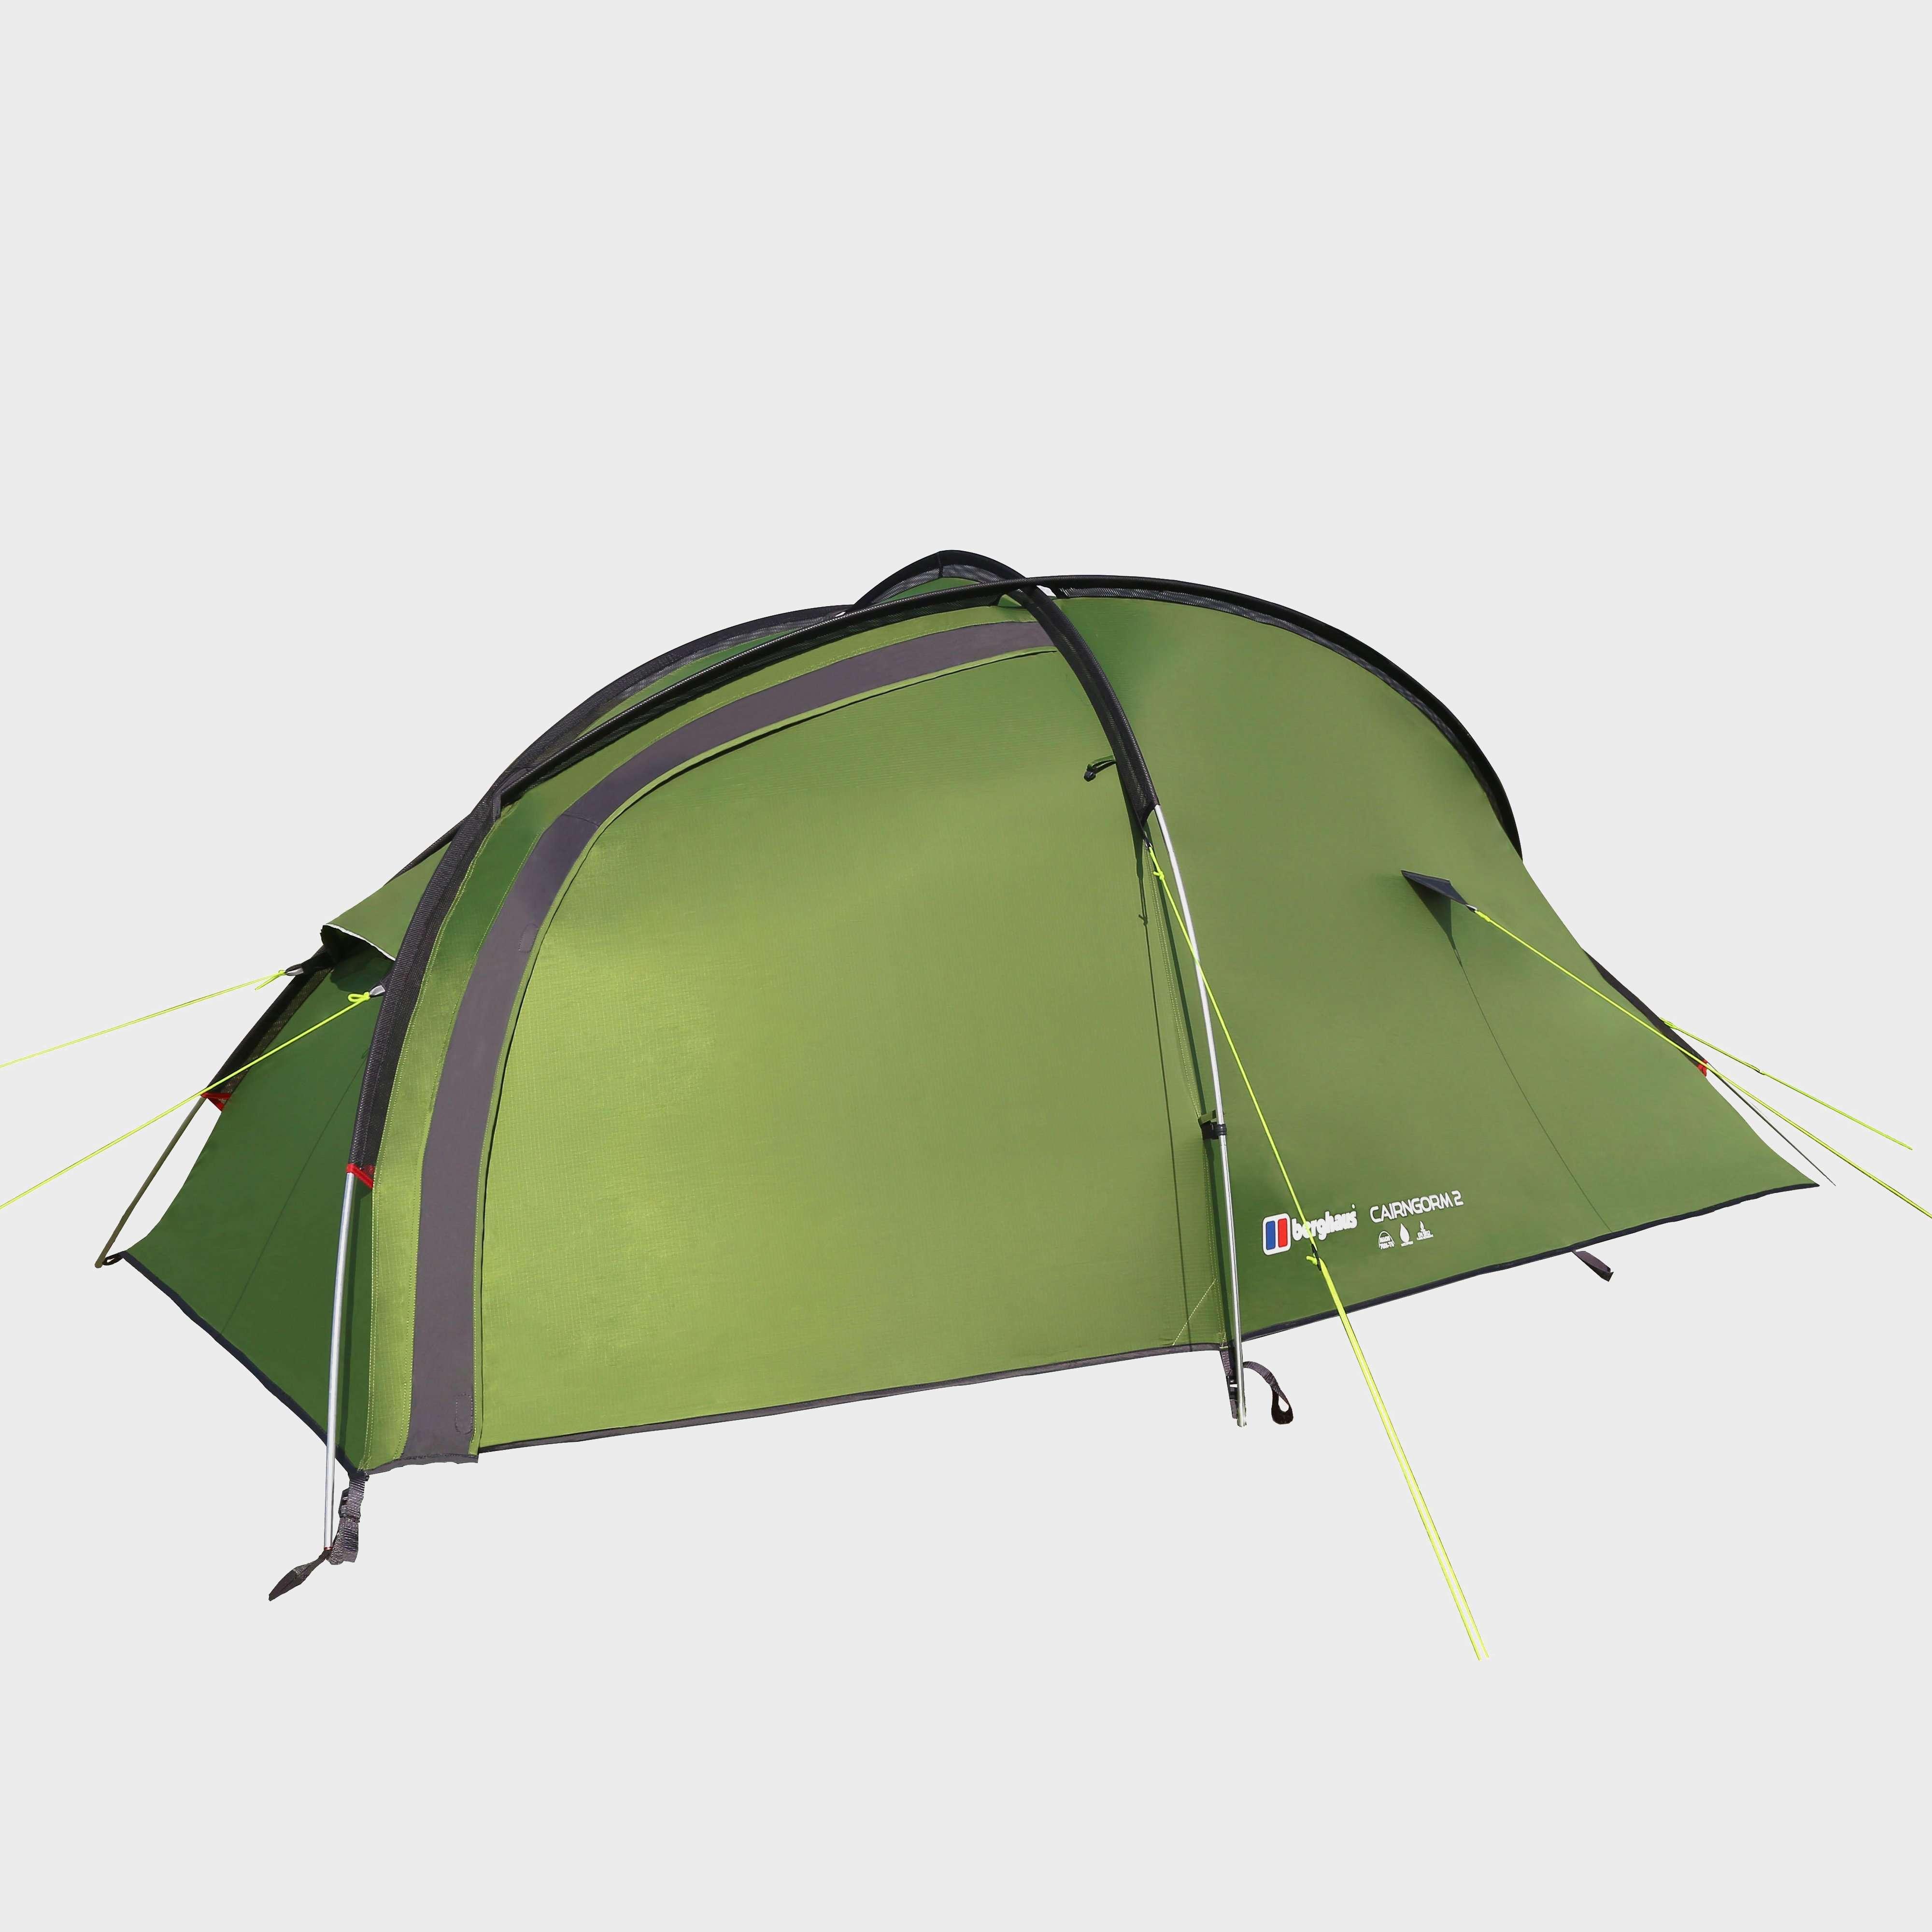 BERGHAUS Cairngorm 2 Man Tent